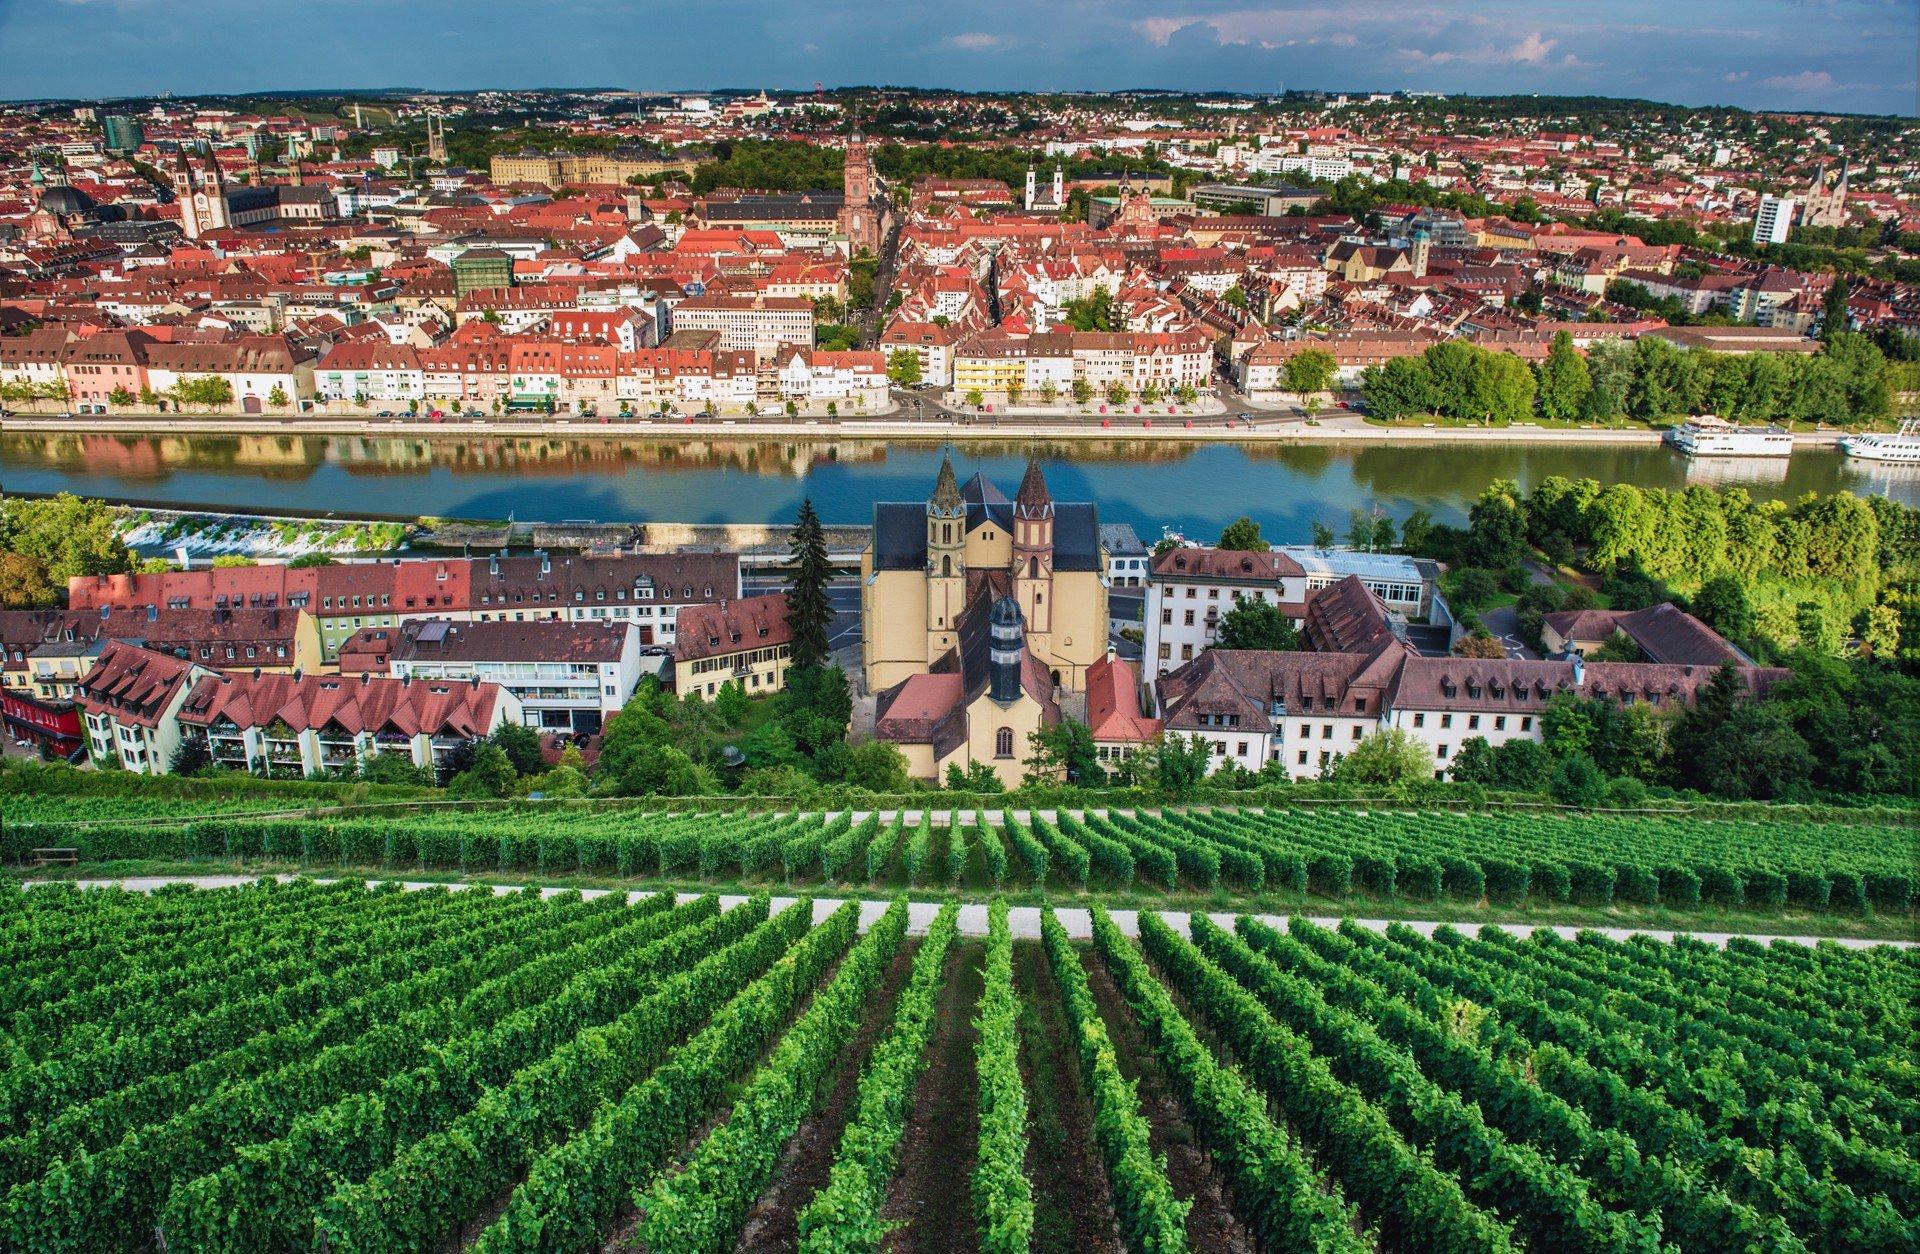 Helmstadt Kurzurlaub Angebote Hotel Wochenende Verwoehnwochenende